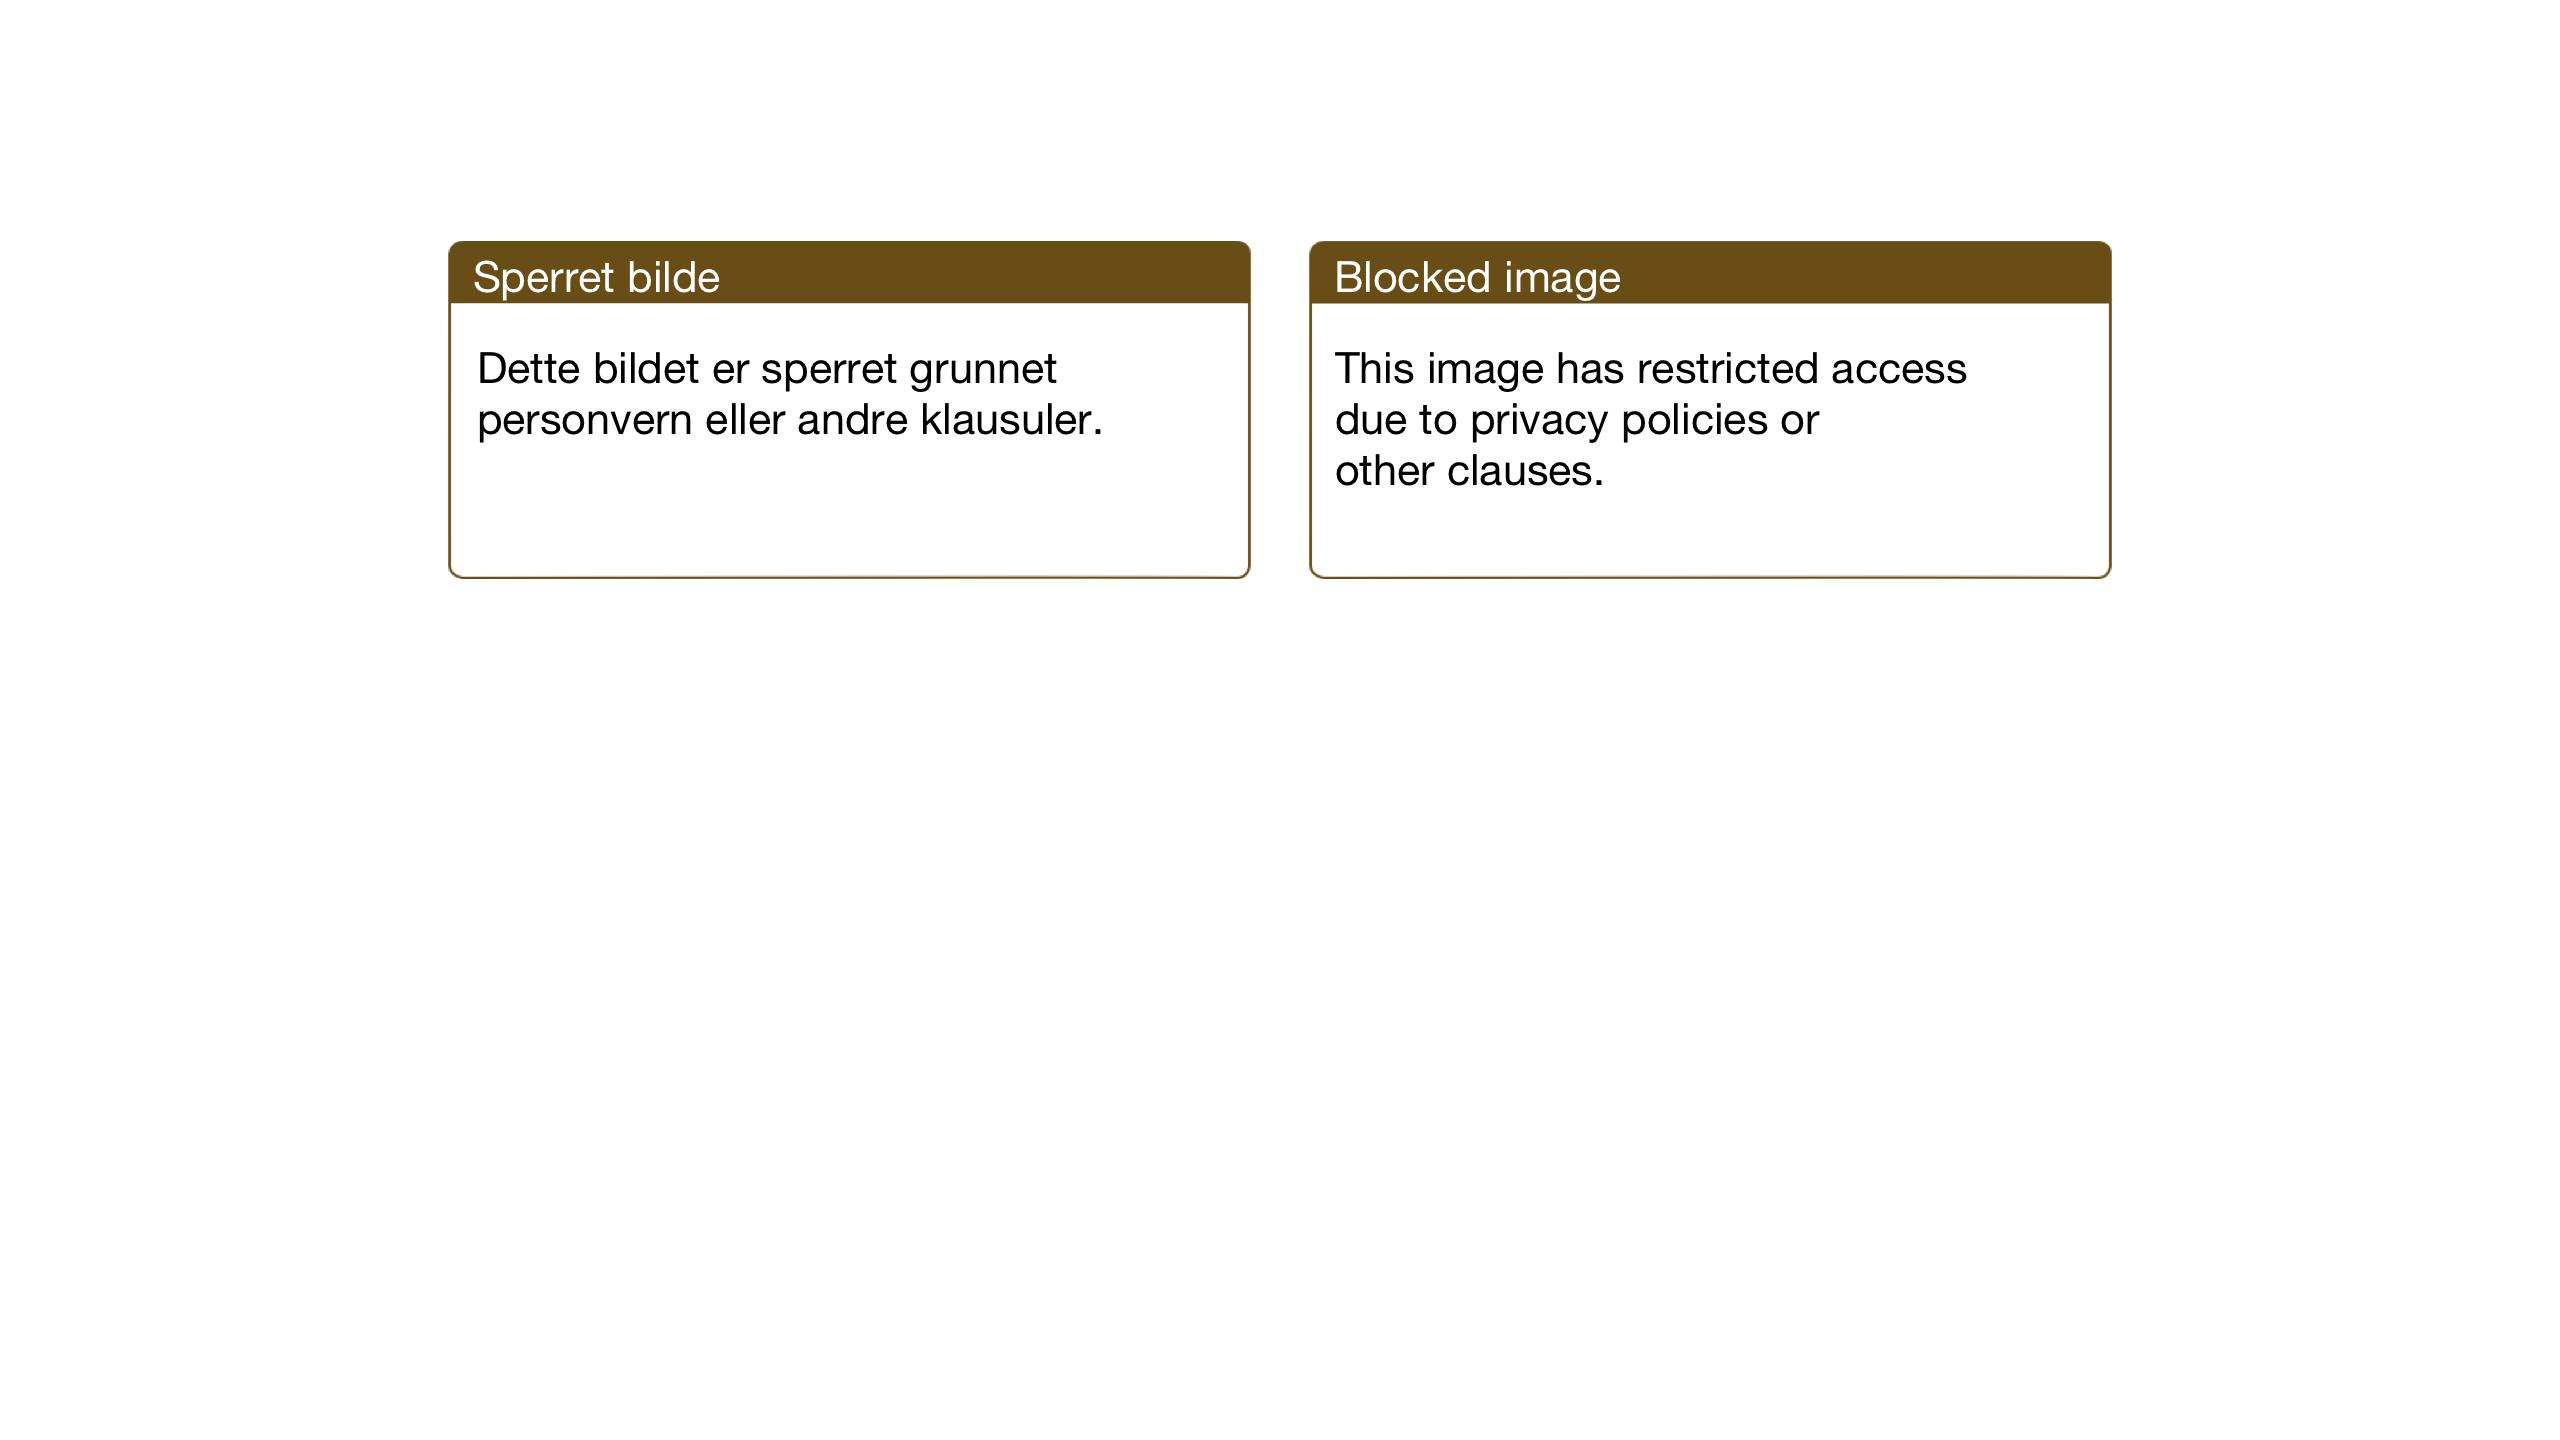 SAT, Ministerialprotokoller, klokkerbøker og fødselsregistre - Sør-Trøndelag, 638/L0569: Klokkerbok nr. 638C01, 1923-1961, s. 78